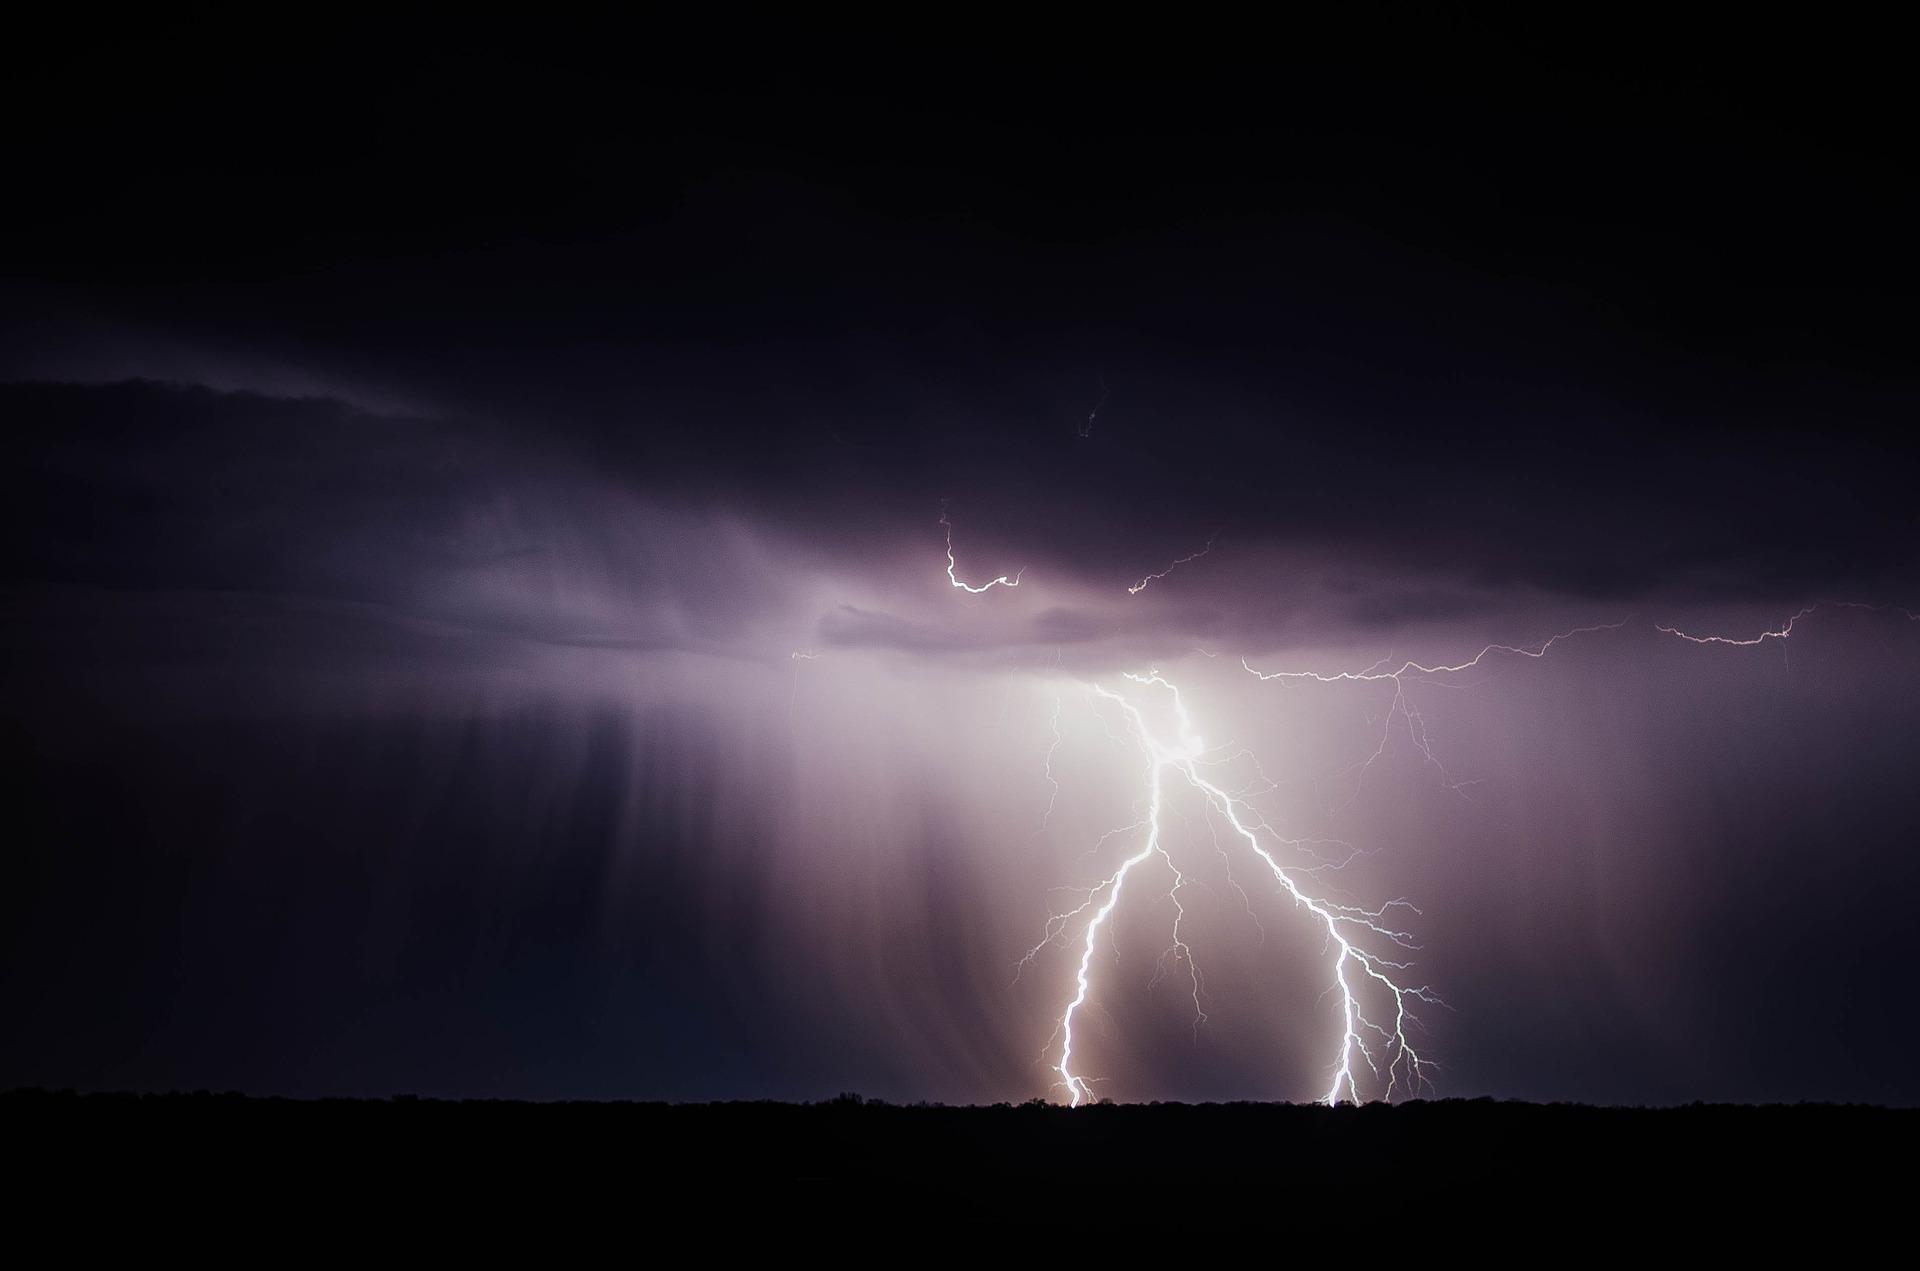 Uwaga, możliwe burze z gradem. Jest ostrzeżenie meteorologiczne - Zdjęcie główne